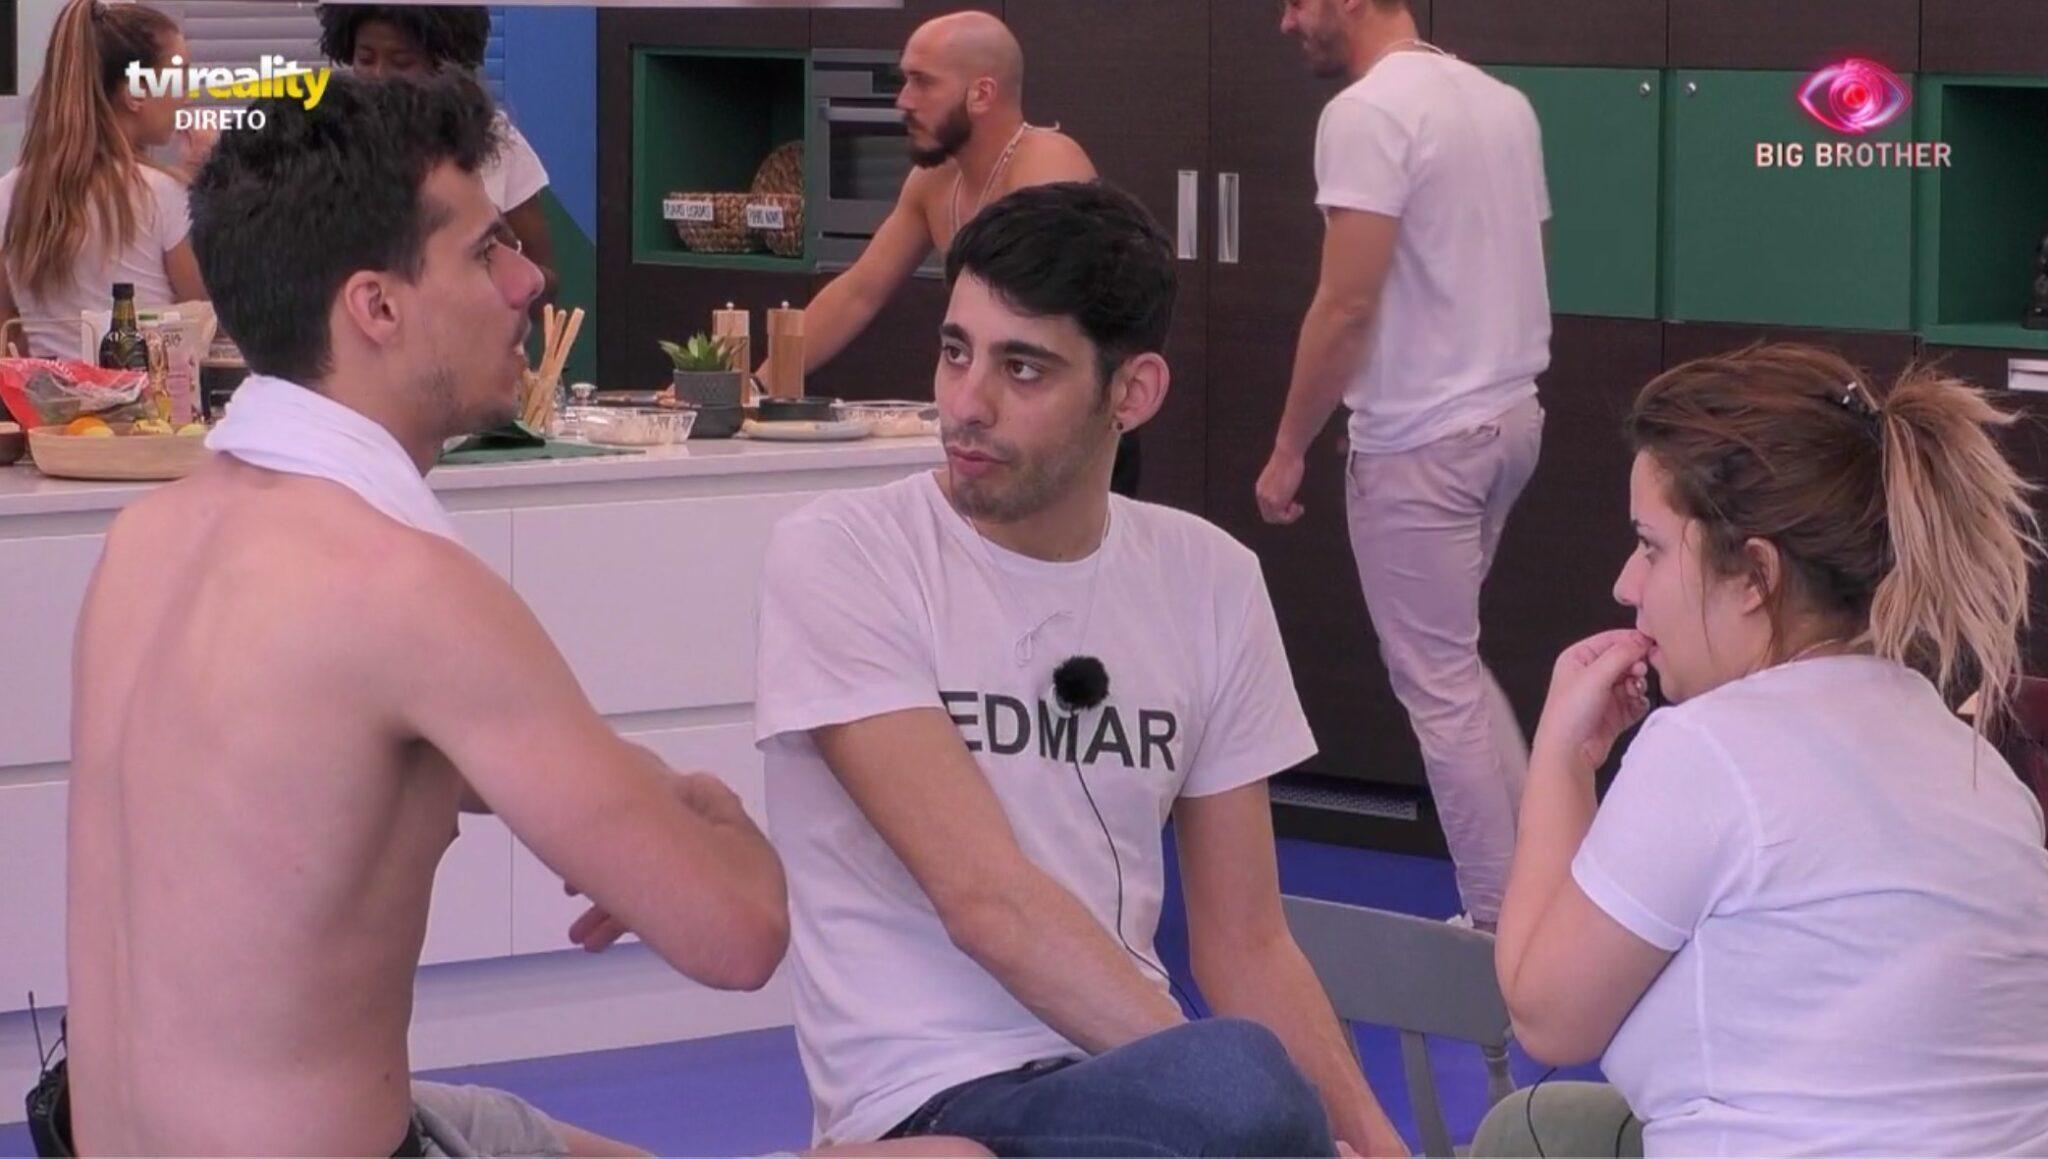 Edmar Pedro Alves E Sandrina Scaled 'Big Brother 2020'. Pedro Alves Esclarece A Questão Da 'Homofobia' A Edmar